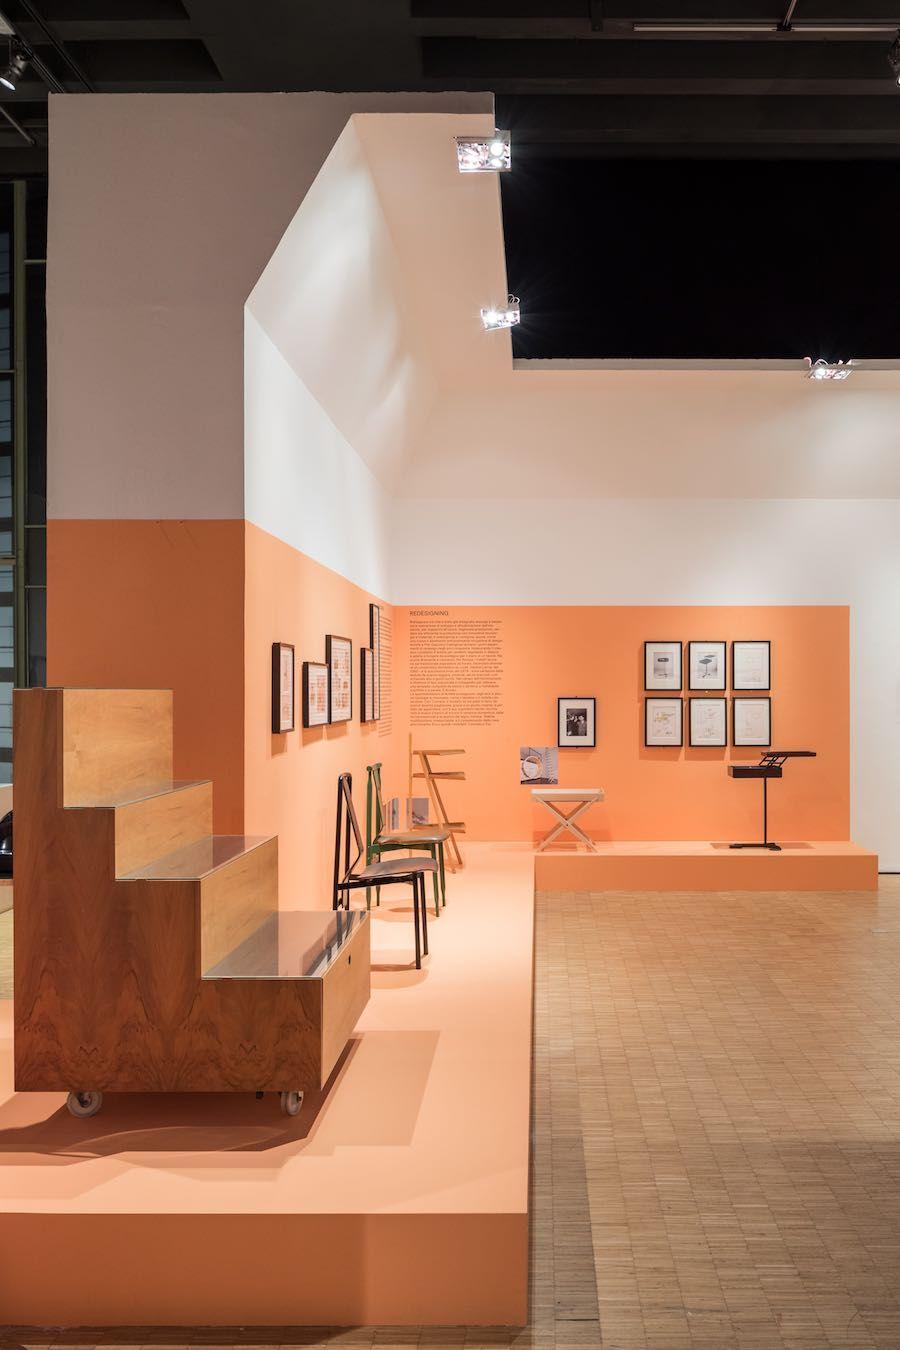 Milan Triennale Maps The Creative Genius Of Achille Castiglioni Castiglioni Design Patricia Urquiola